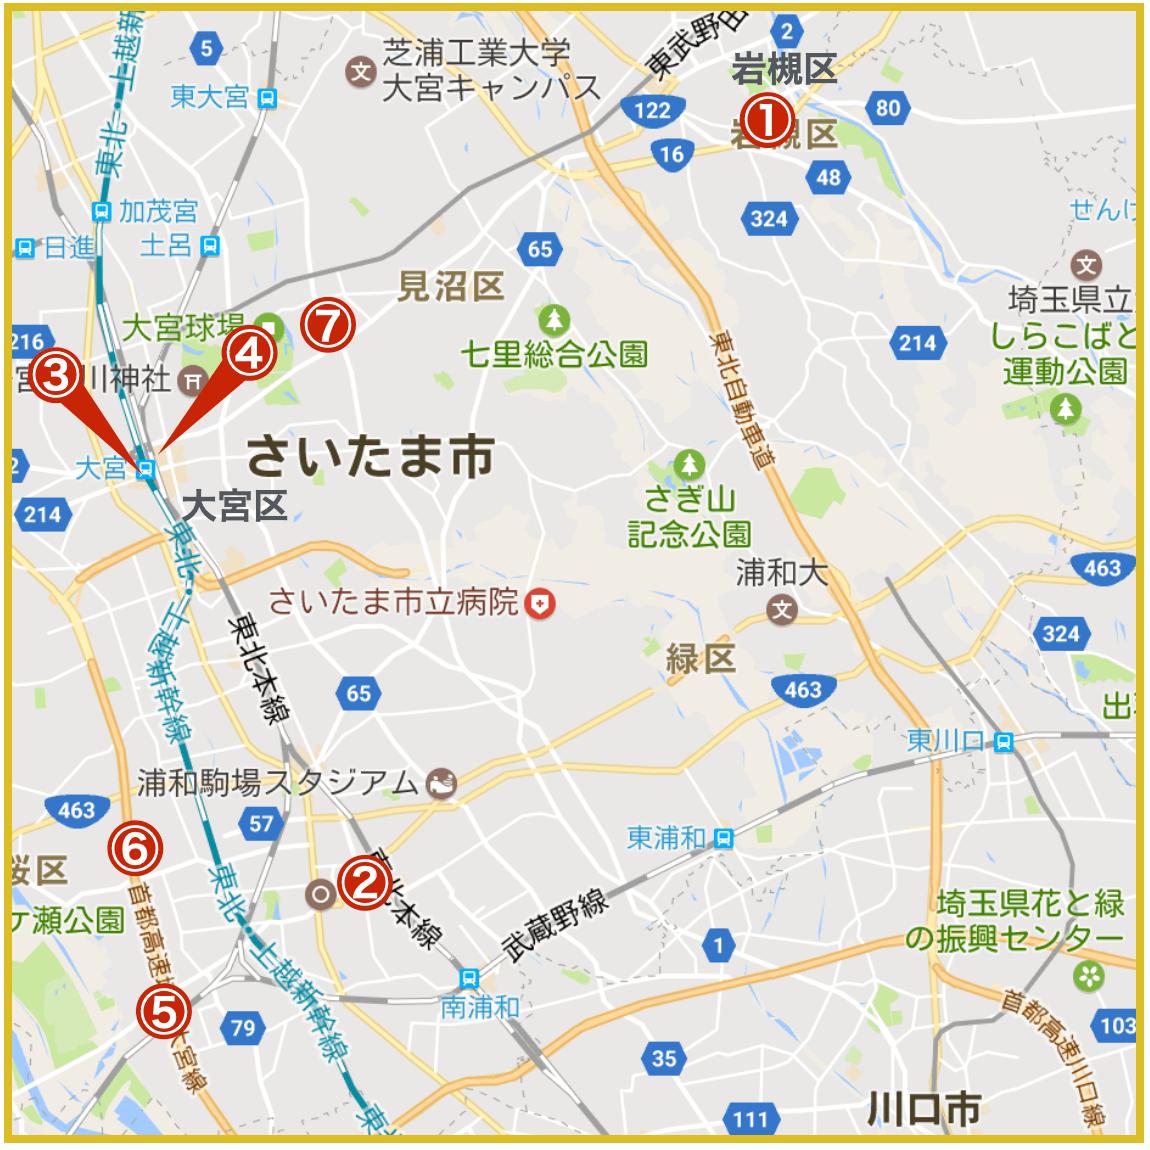 埼玉県さいたま地域にあるアコム店舗・ATMの位置